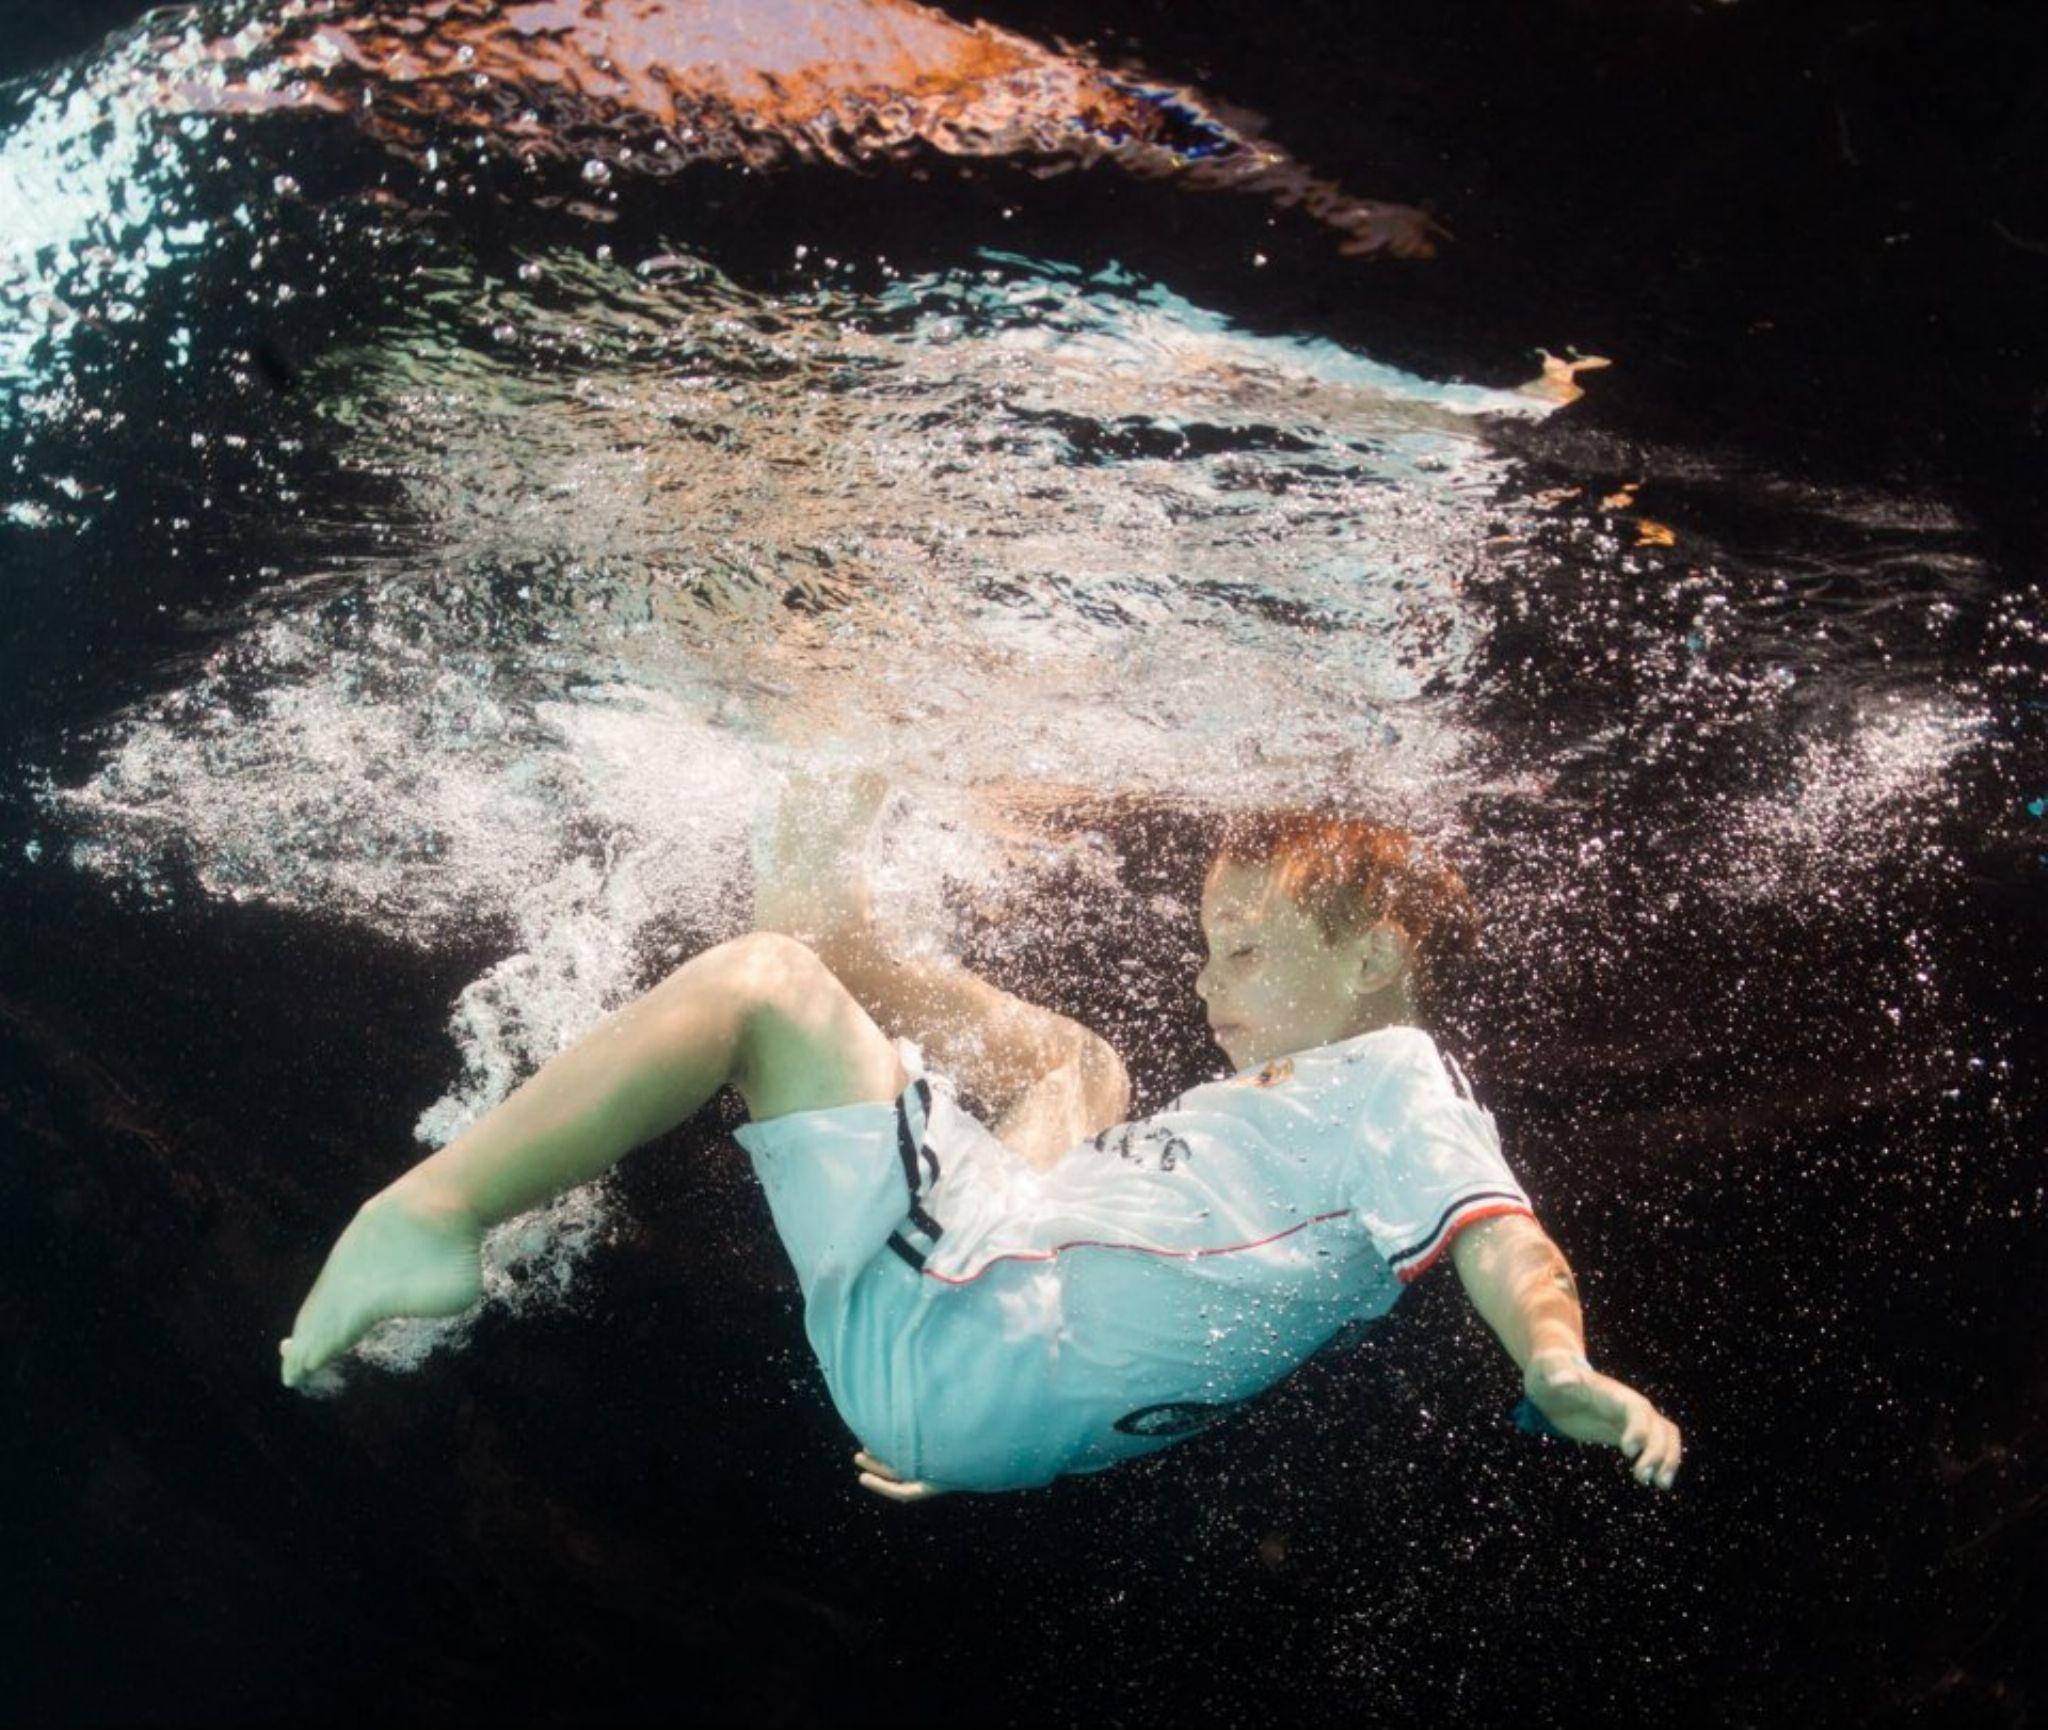 underwater fun by ivanvazquezphotographer